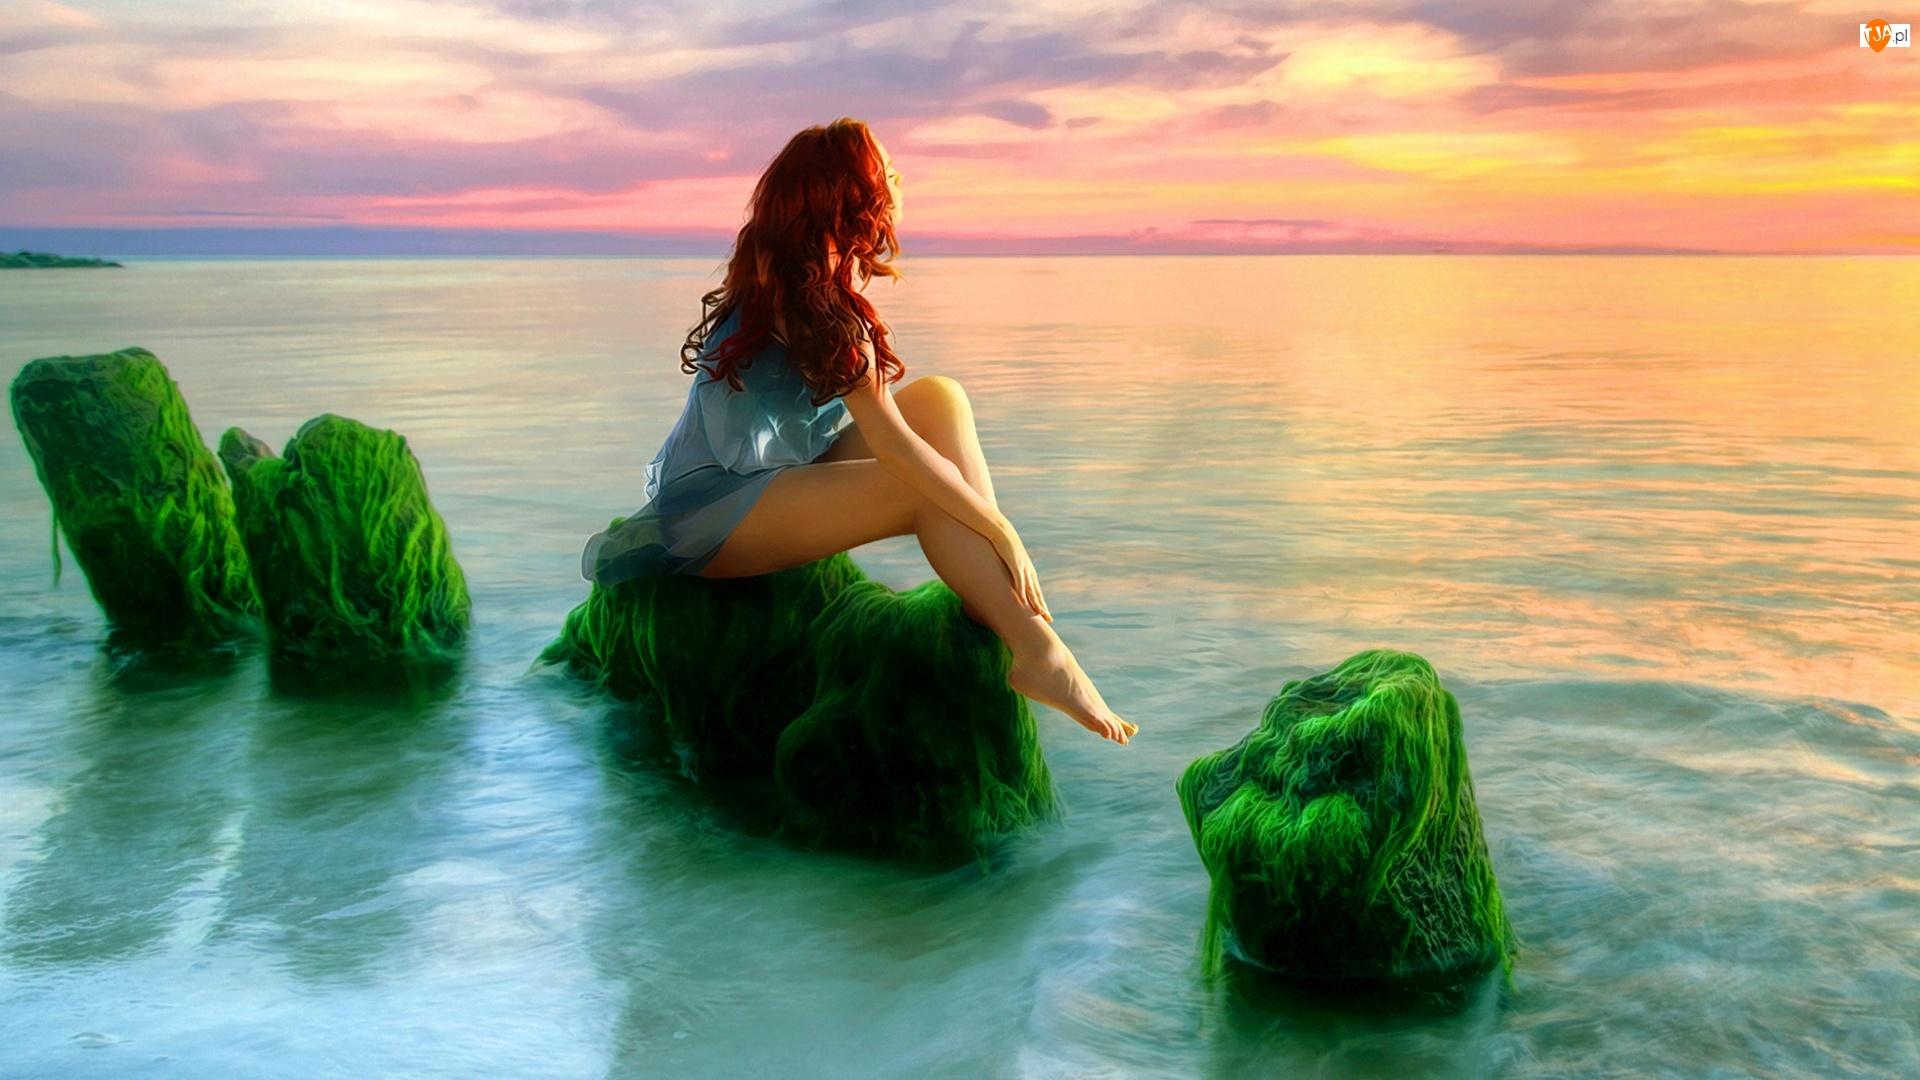 Morze, Kobieta, Zachód, Słońca